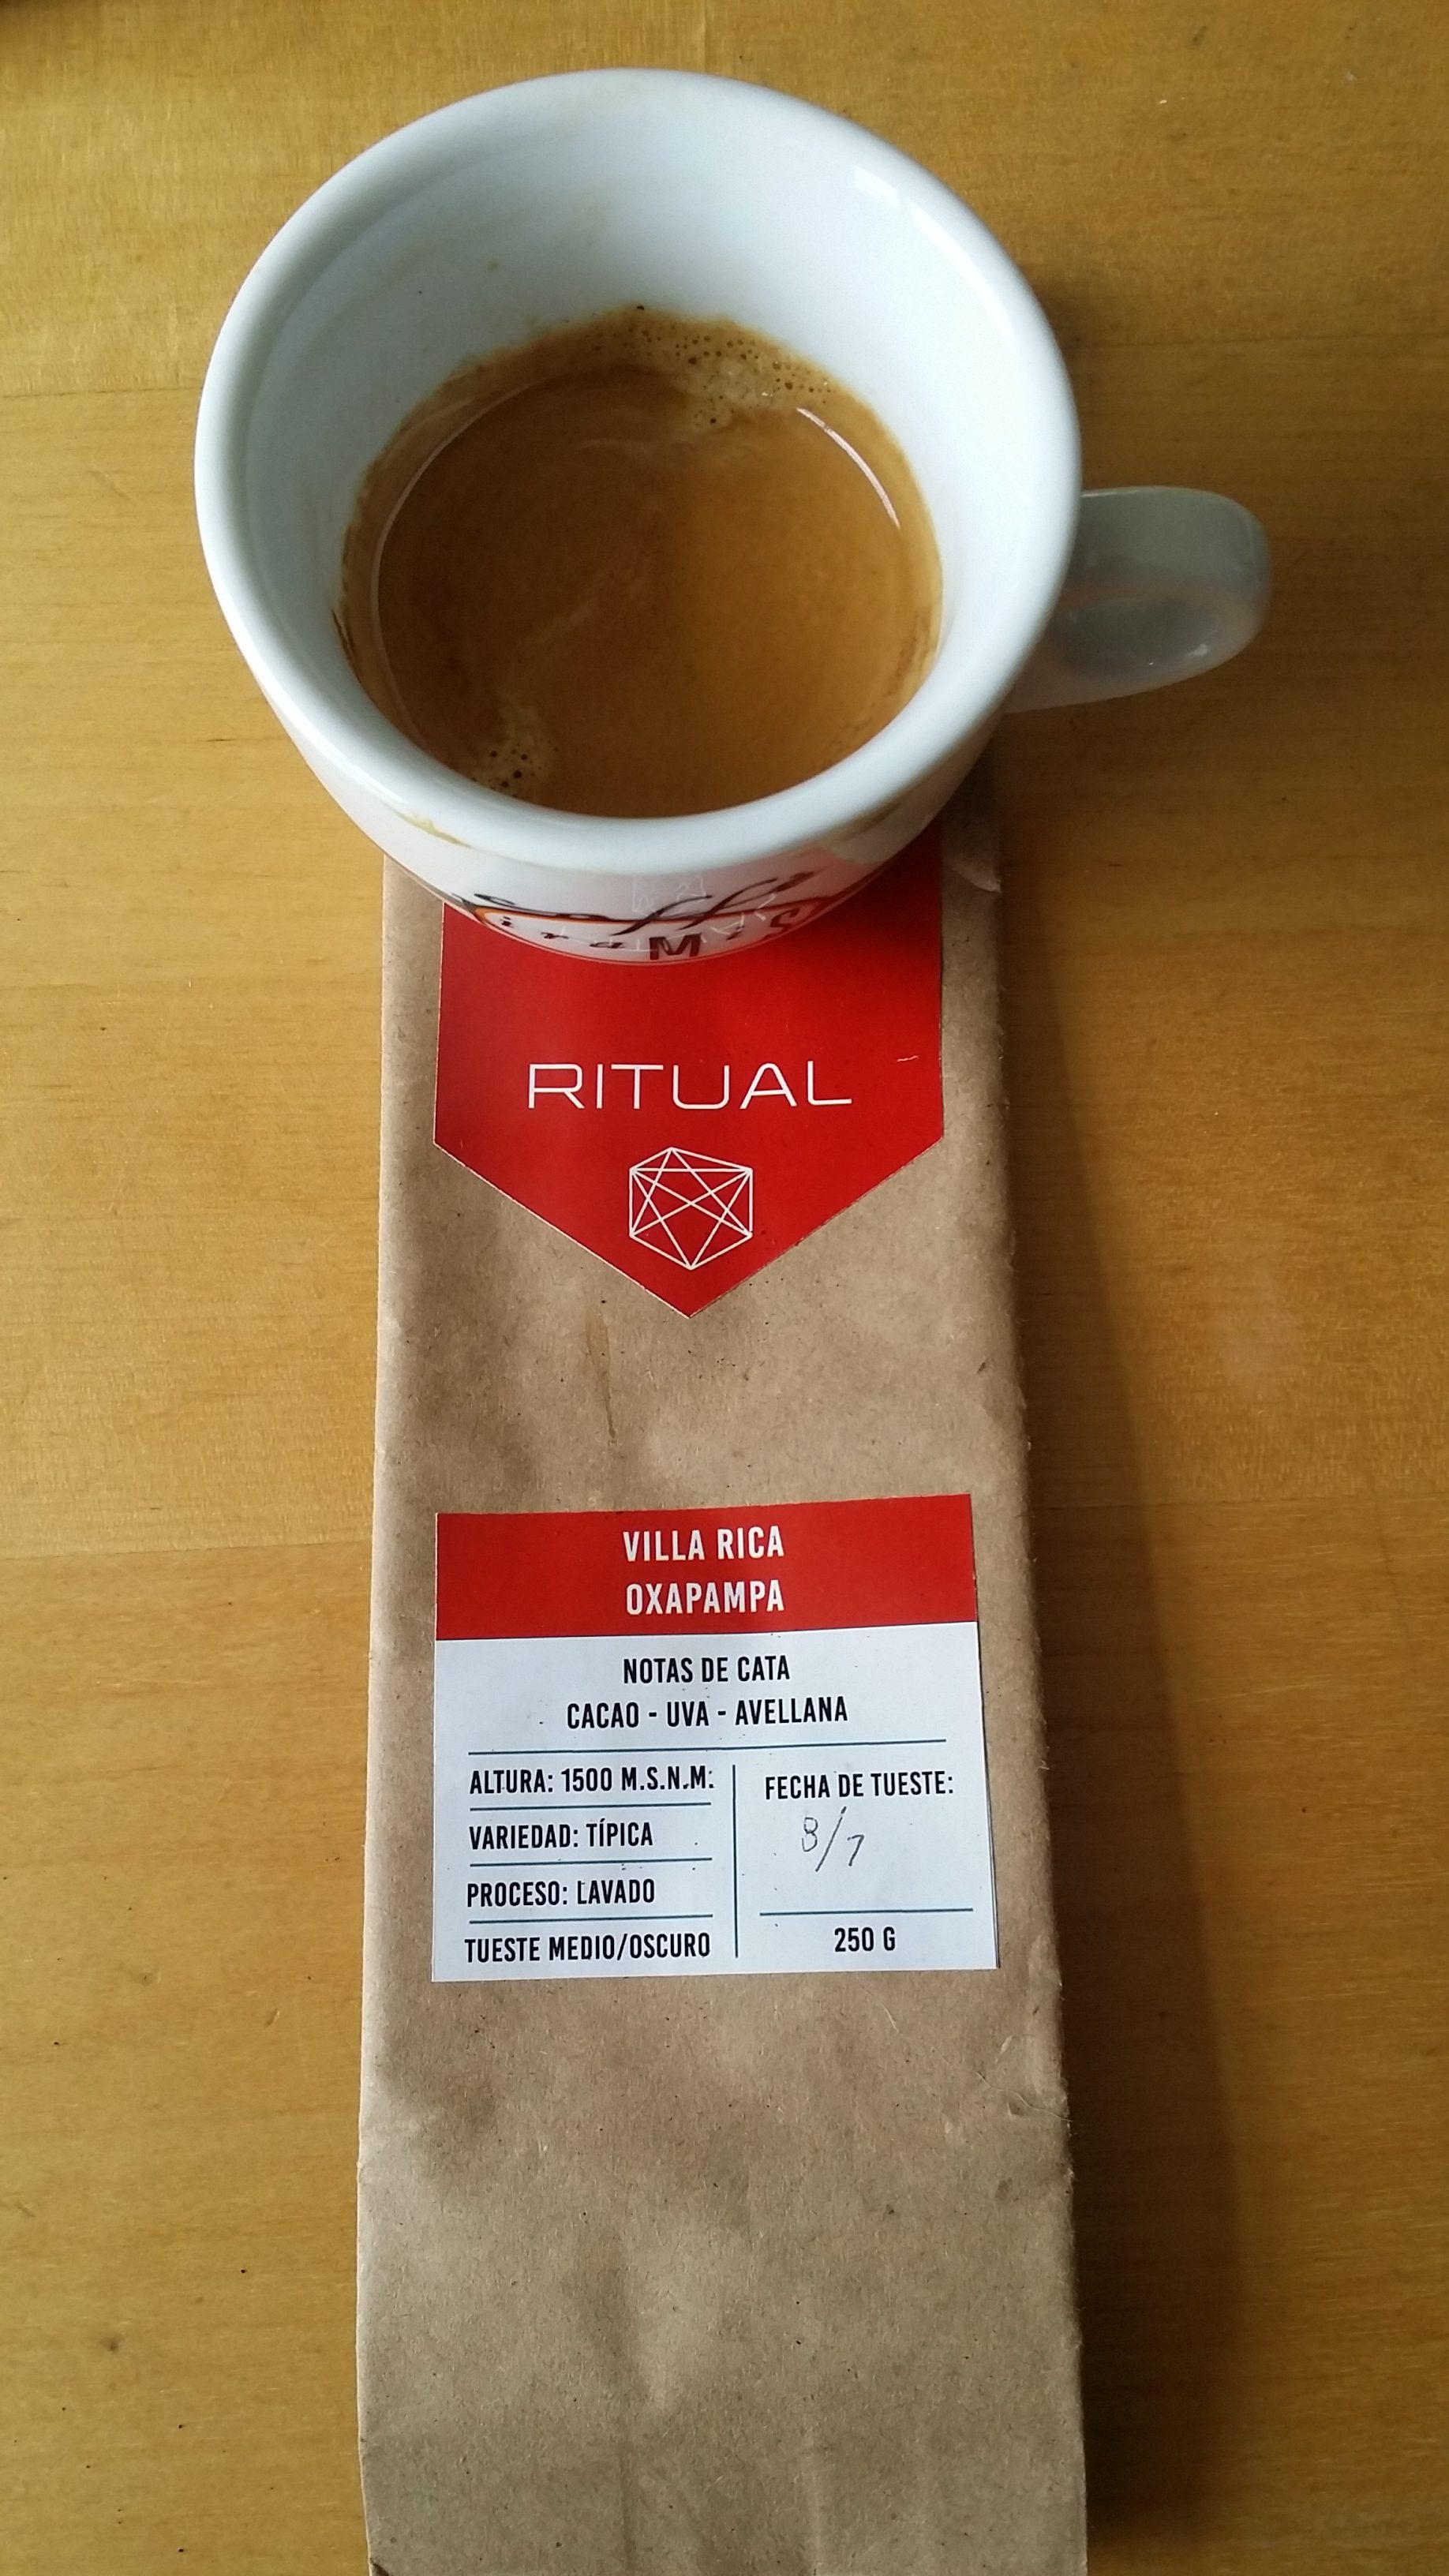 Coffee Attendant Ritual Villa Rica Oxapampa